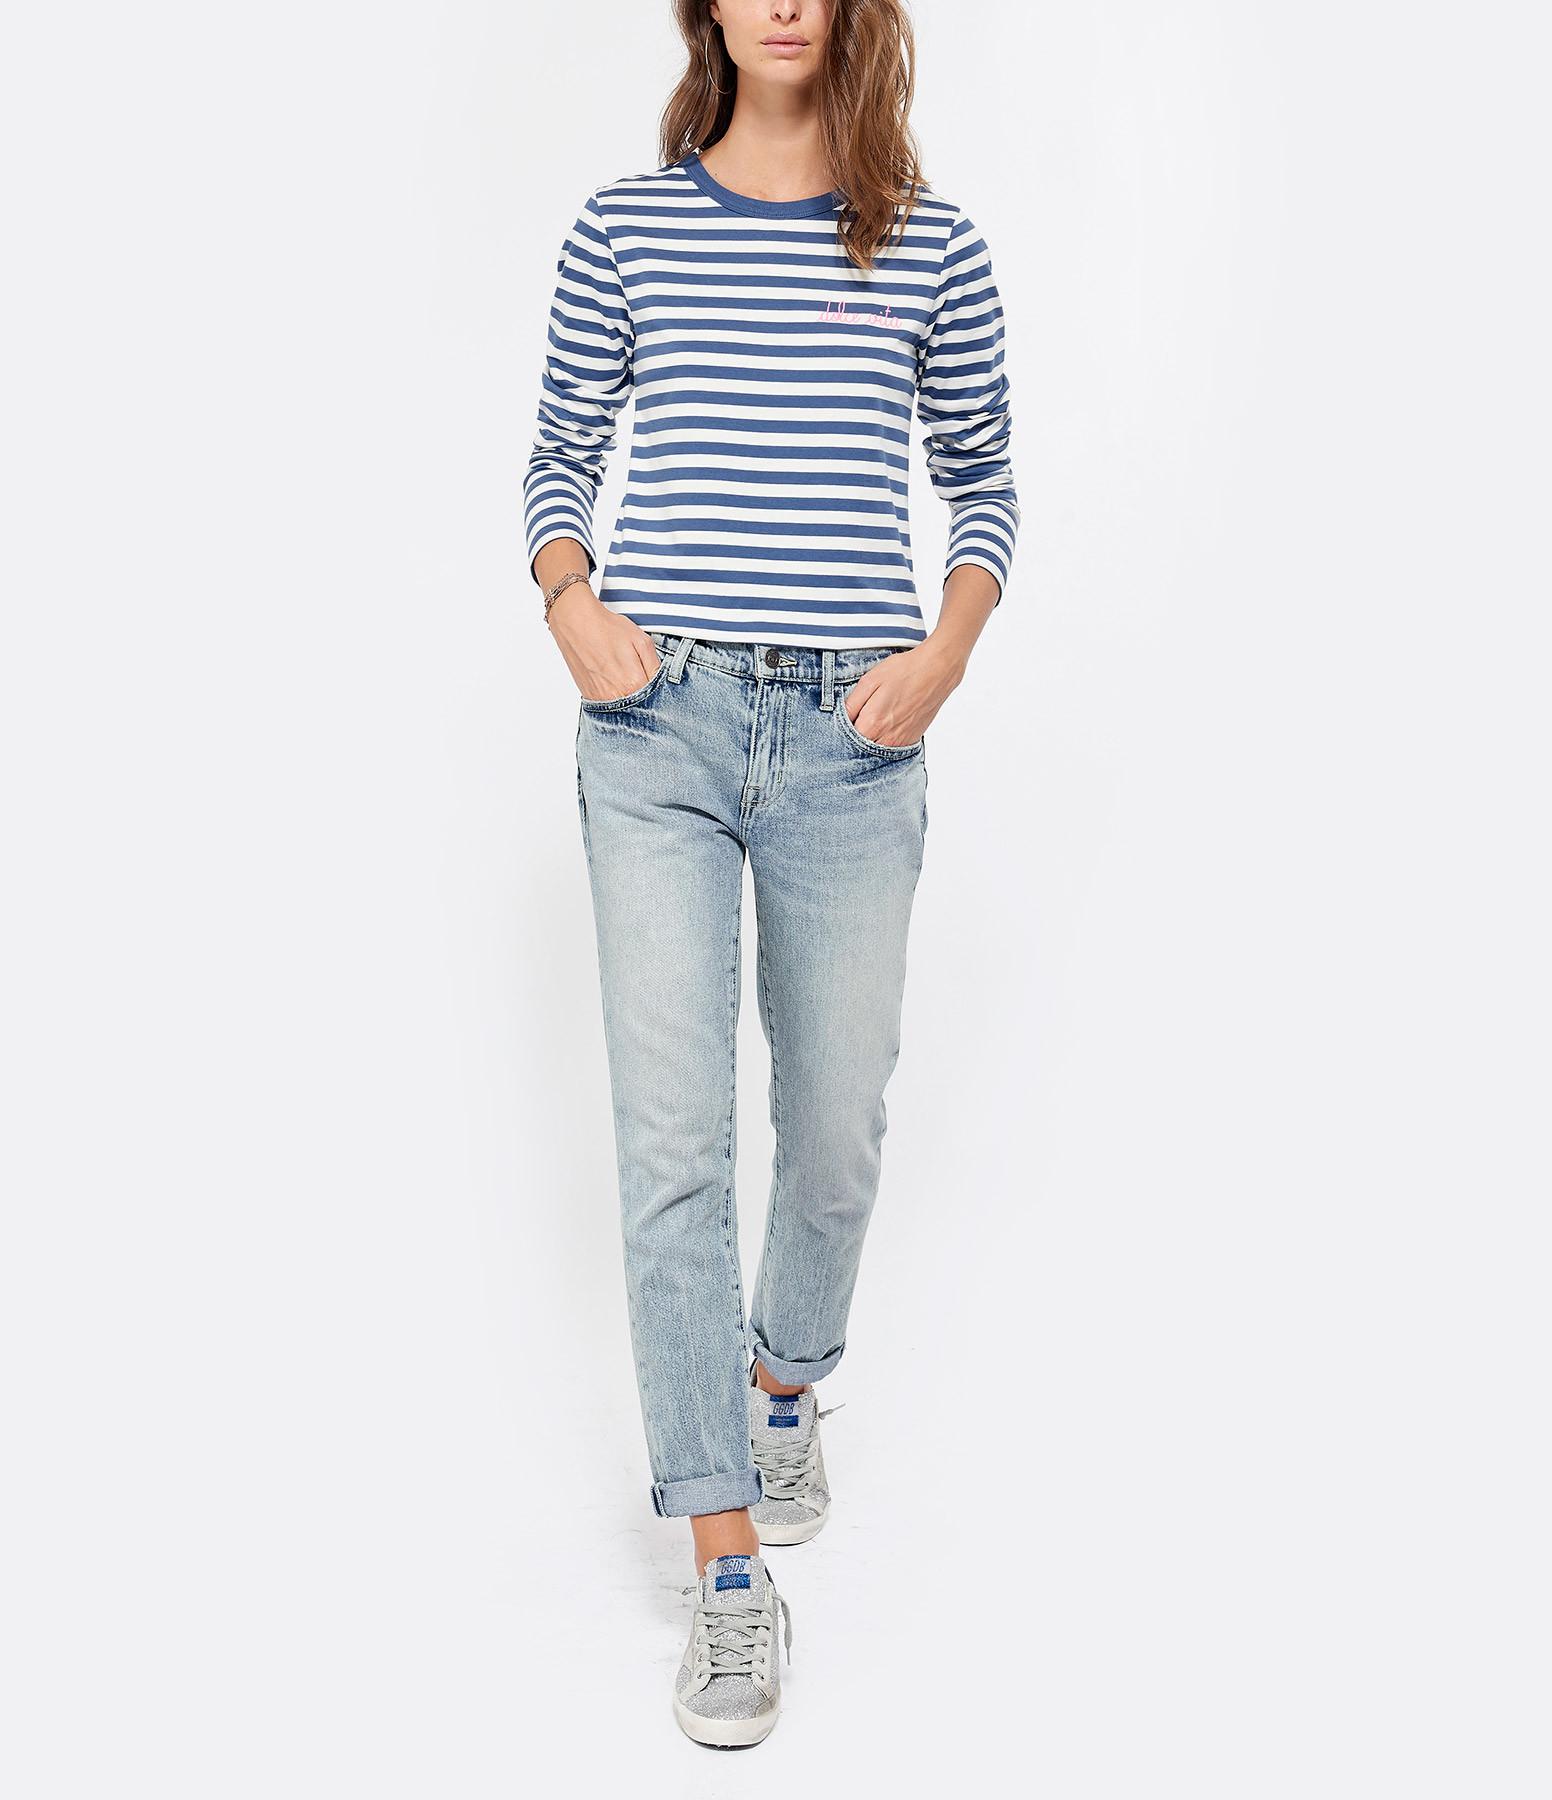 MAISON LABICHE - Tee-shirt Dolce Vita Rayure Navy Naturel Rose